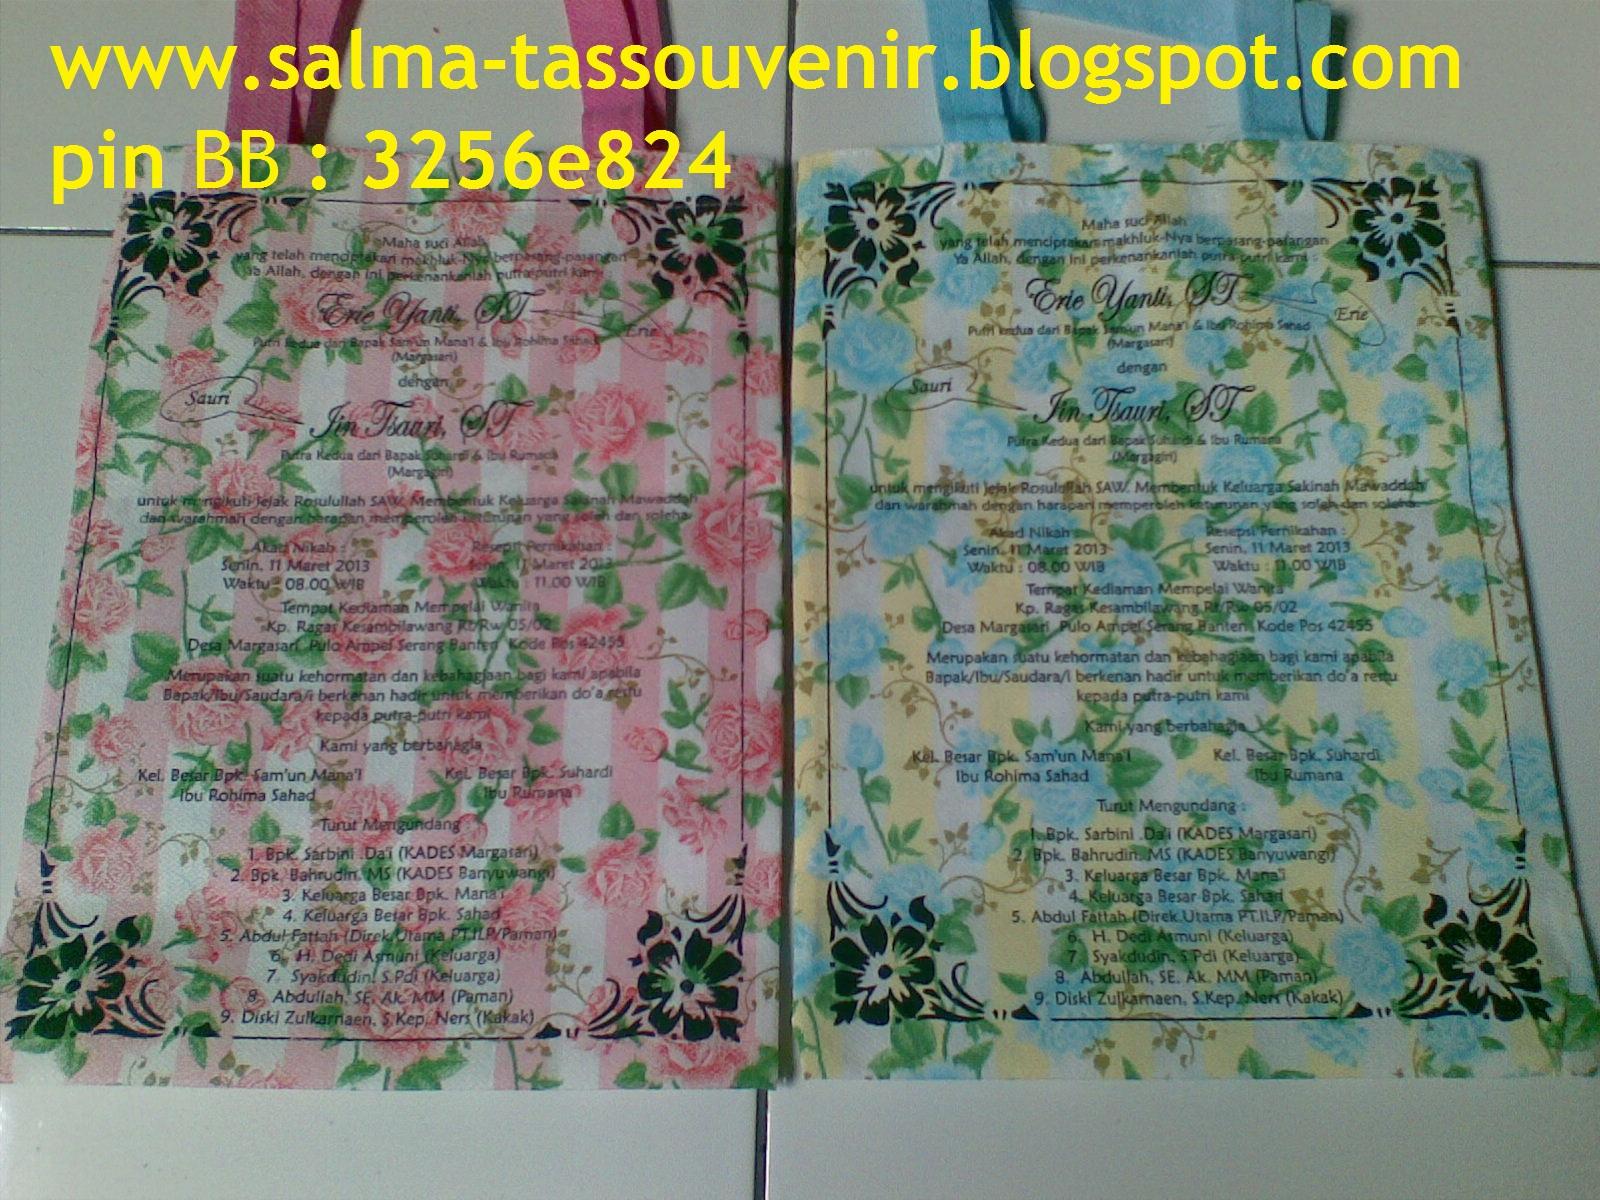 16.32 Salma No comments